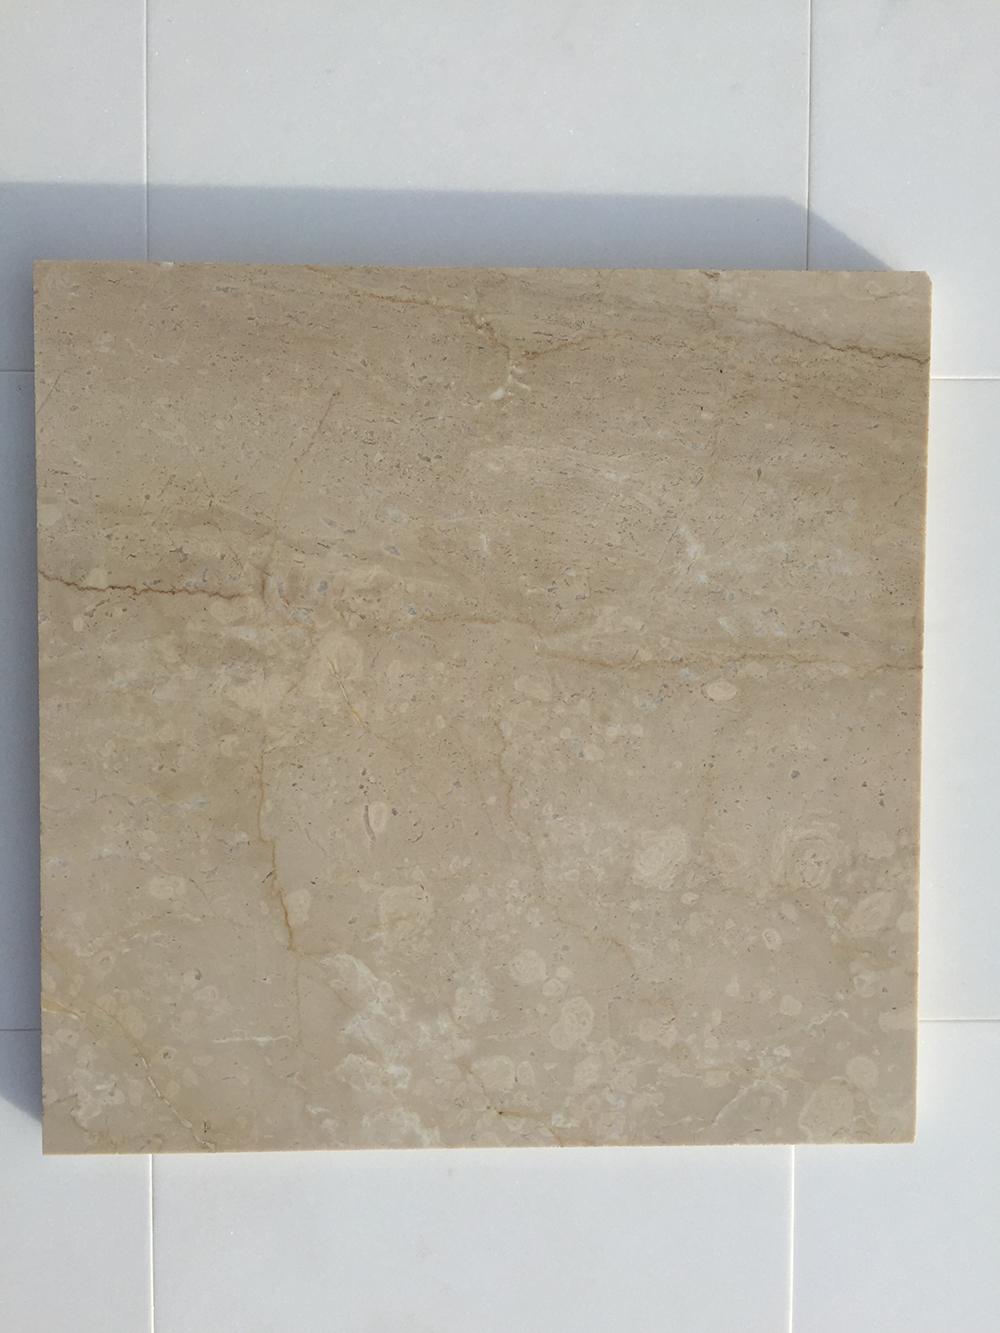 Botticino matt márvány Nagy mennyiség elérhető  30 x vàltozó hossz x 1,5 cm Azonnal Elérhető